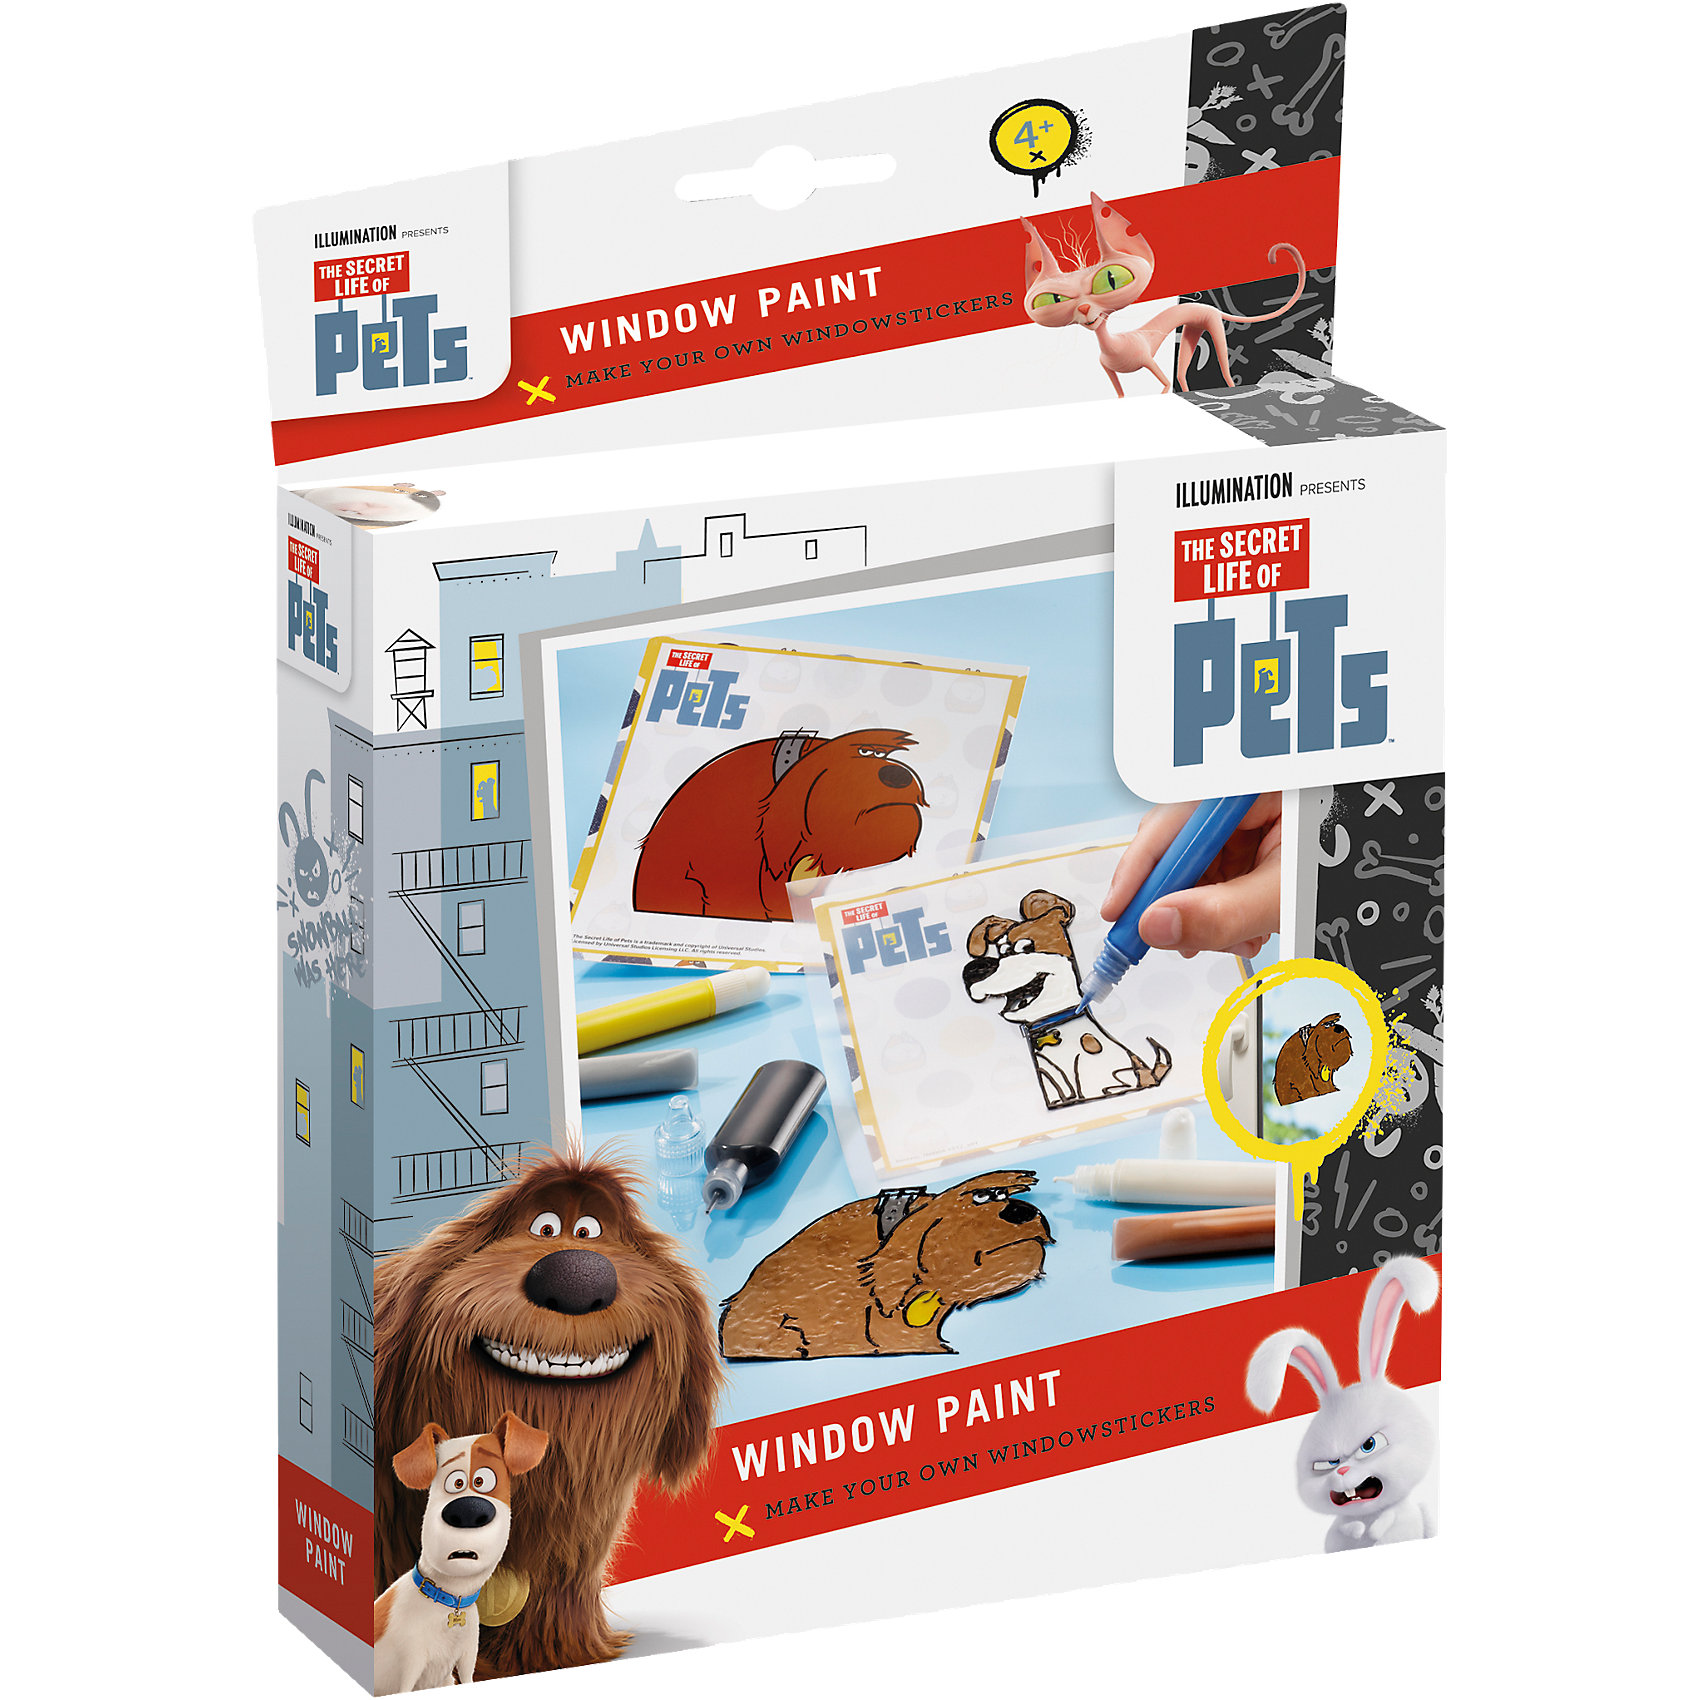 TOTUM Набор для творчества Тайная жизнь домашних животных оконные краски ручки оконные с замком в москве